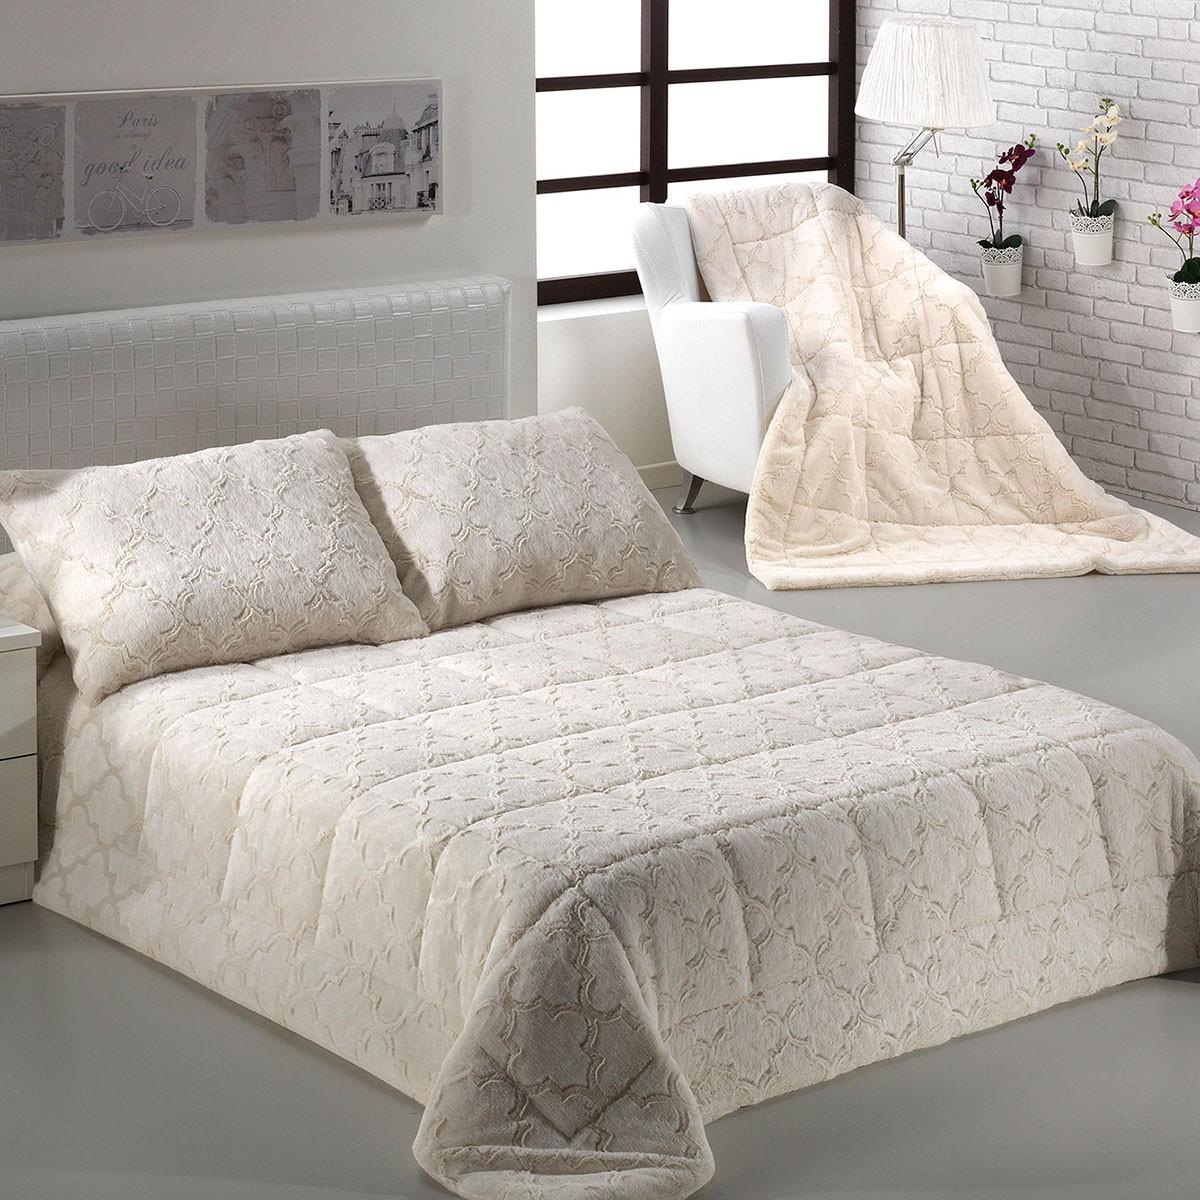 Κουβέρτα Γούνινη Υπέρδιπλη Morven Infinity B37/01 Ecru home   κρεβατοκάμαρα   κουβέρτες   κουβέρτες γούνινες   μάλλινες